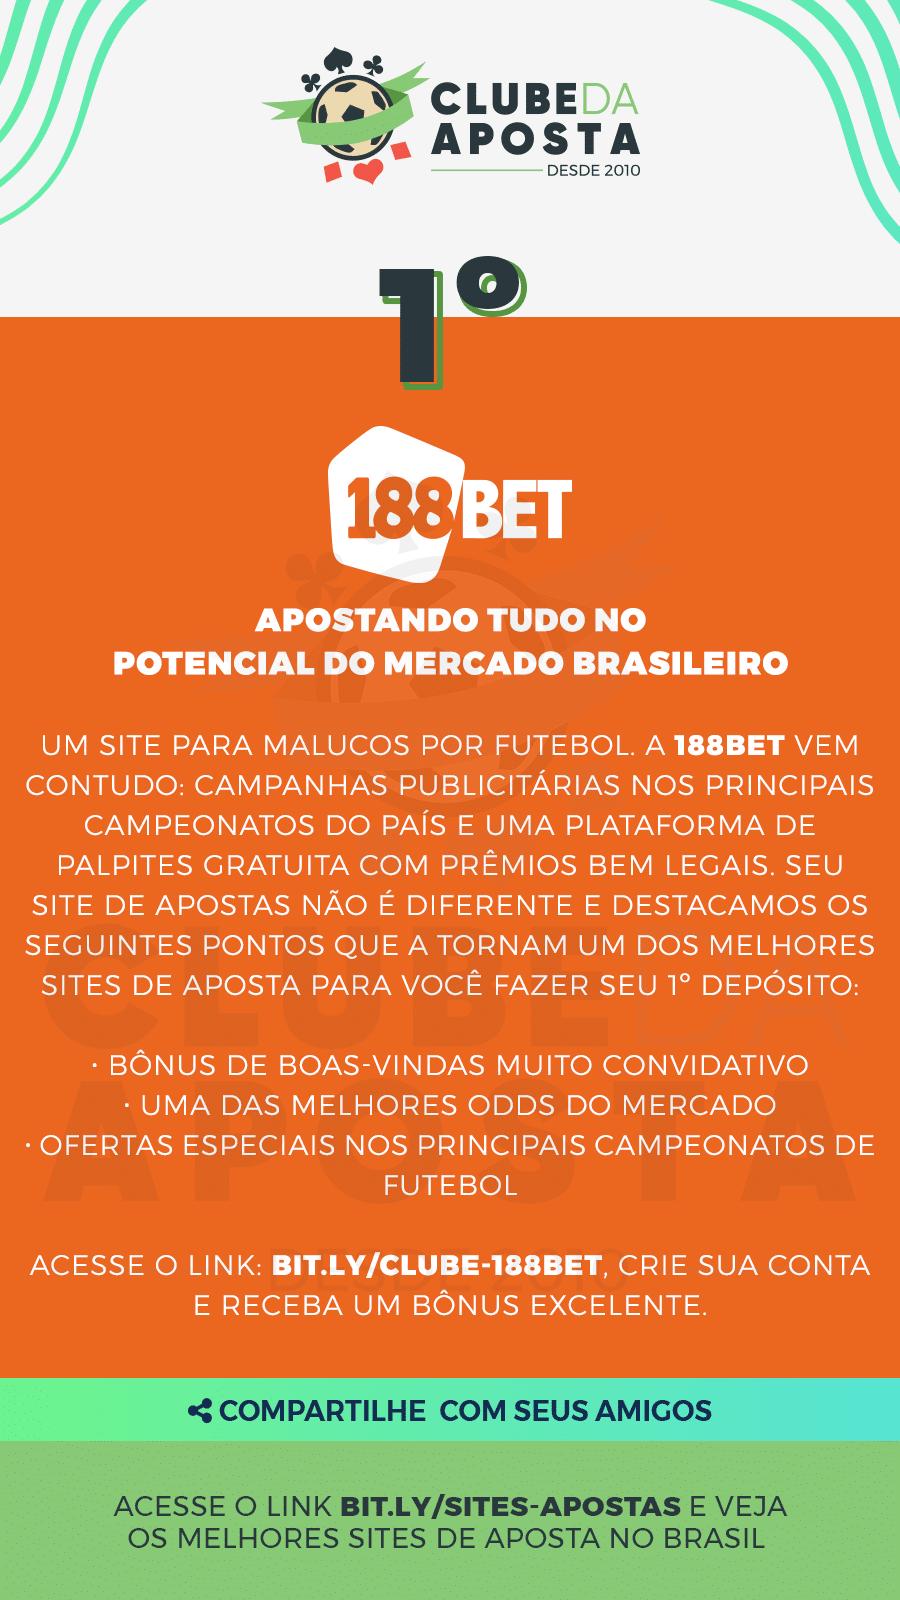 Casino online legales casas de apuestas en Rio de Janeiro 65985